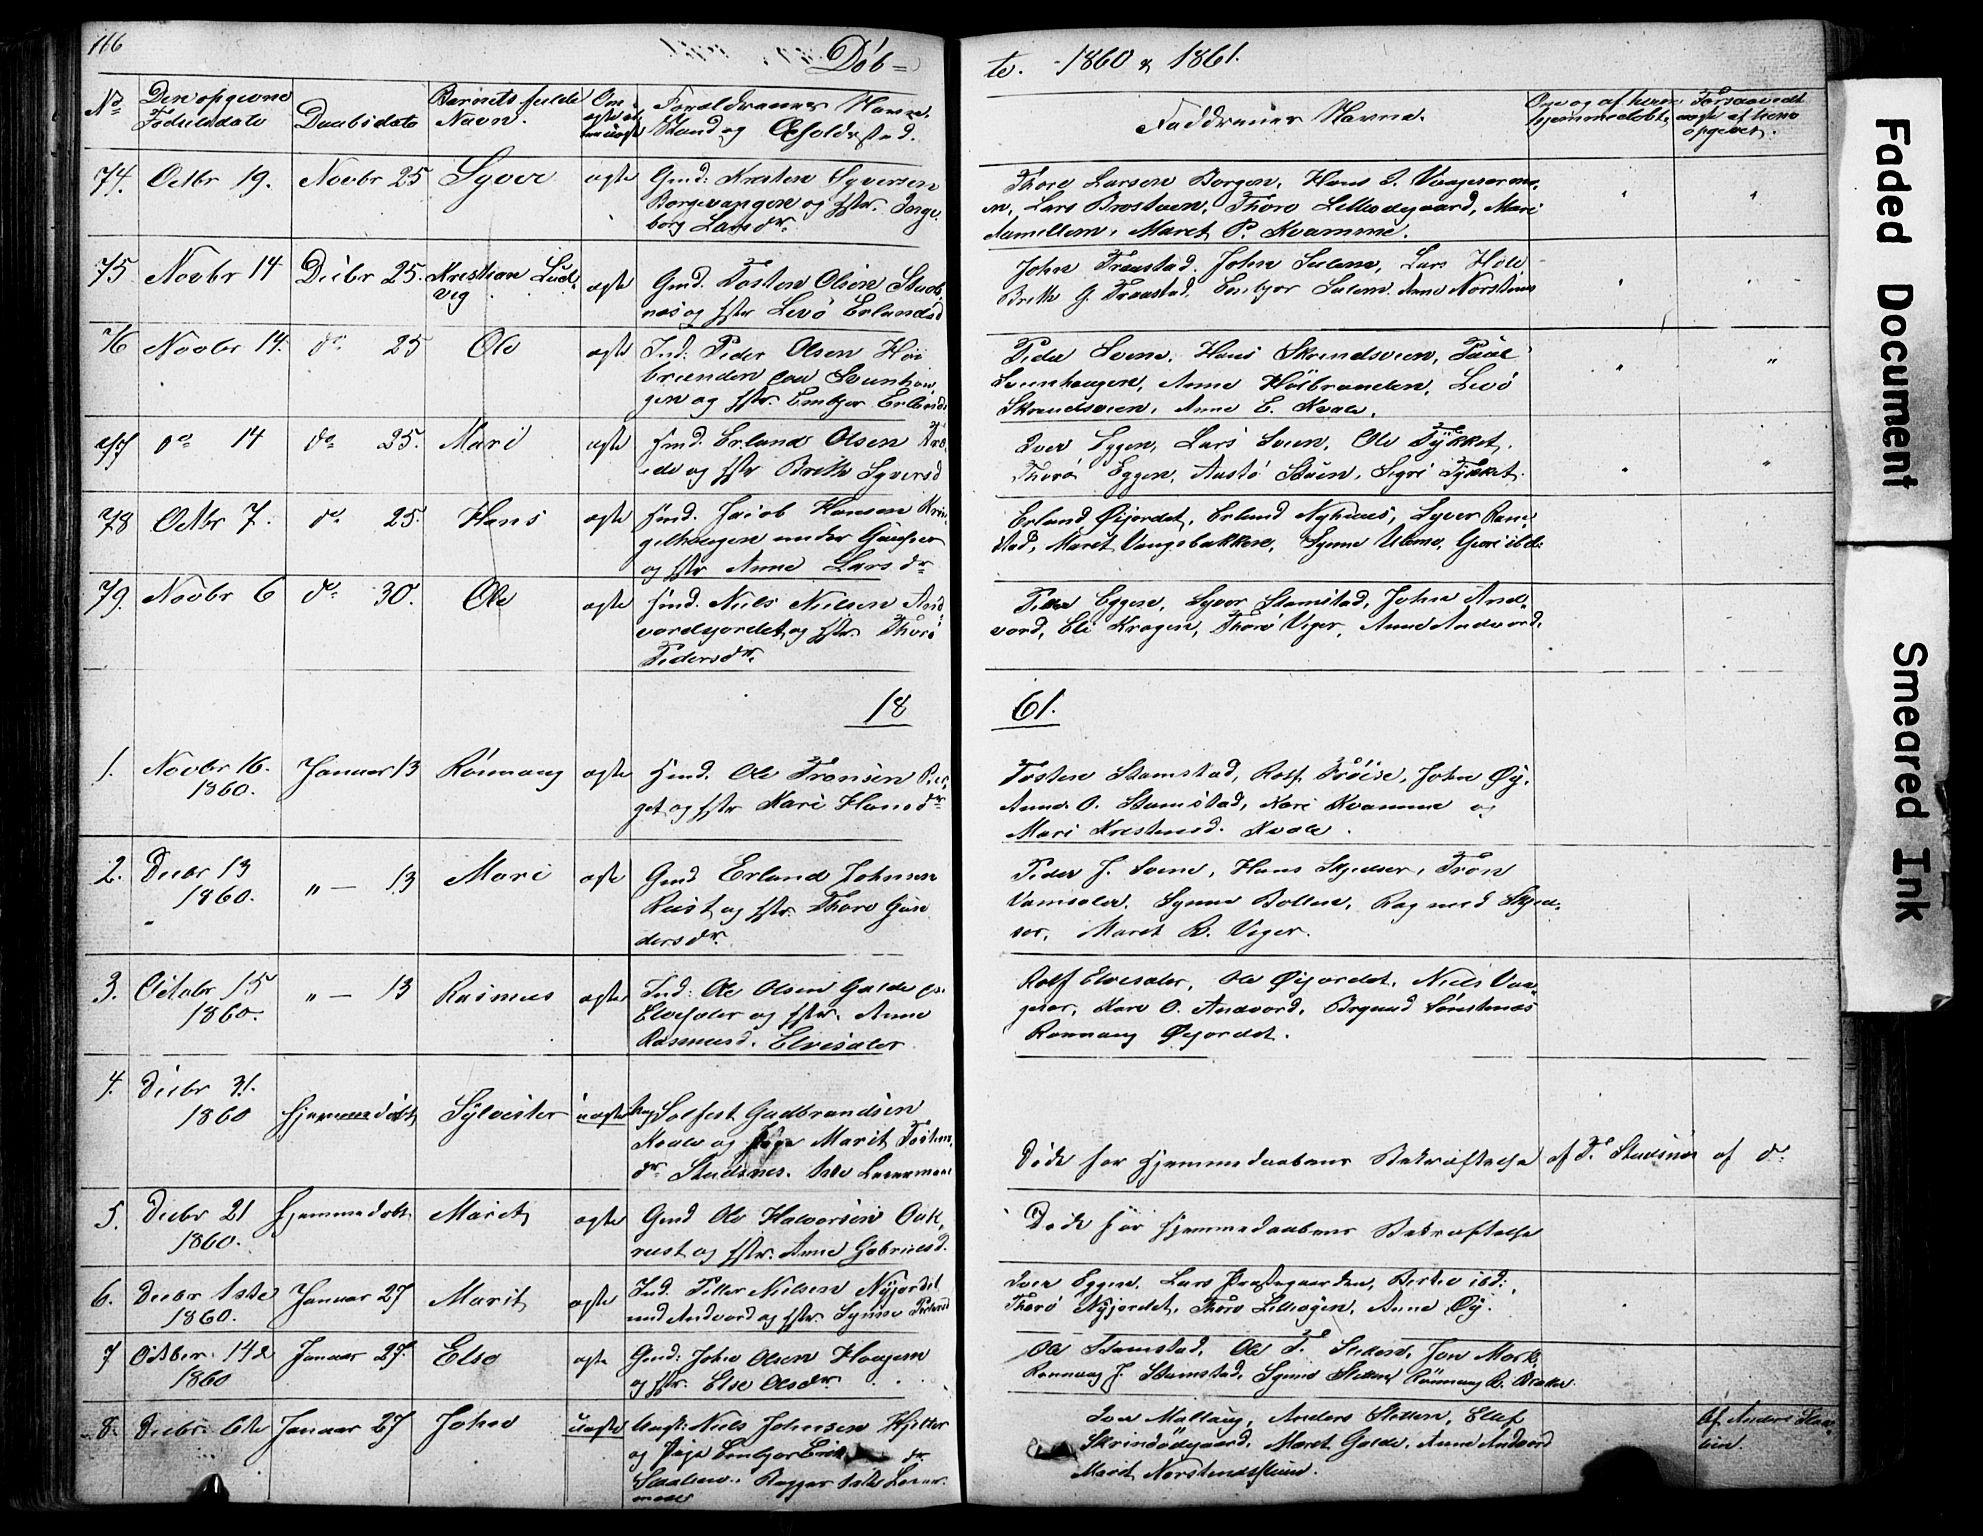 SAH, Lom prestekontor, L/L0012: Klokkerbok nr. 12, 1845-1873, s. 166-167